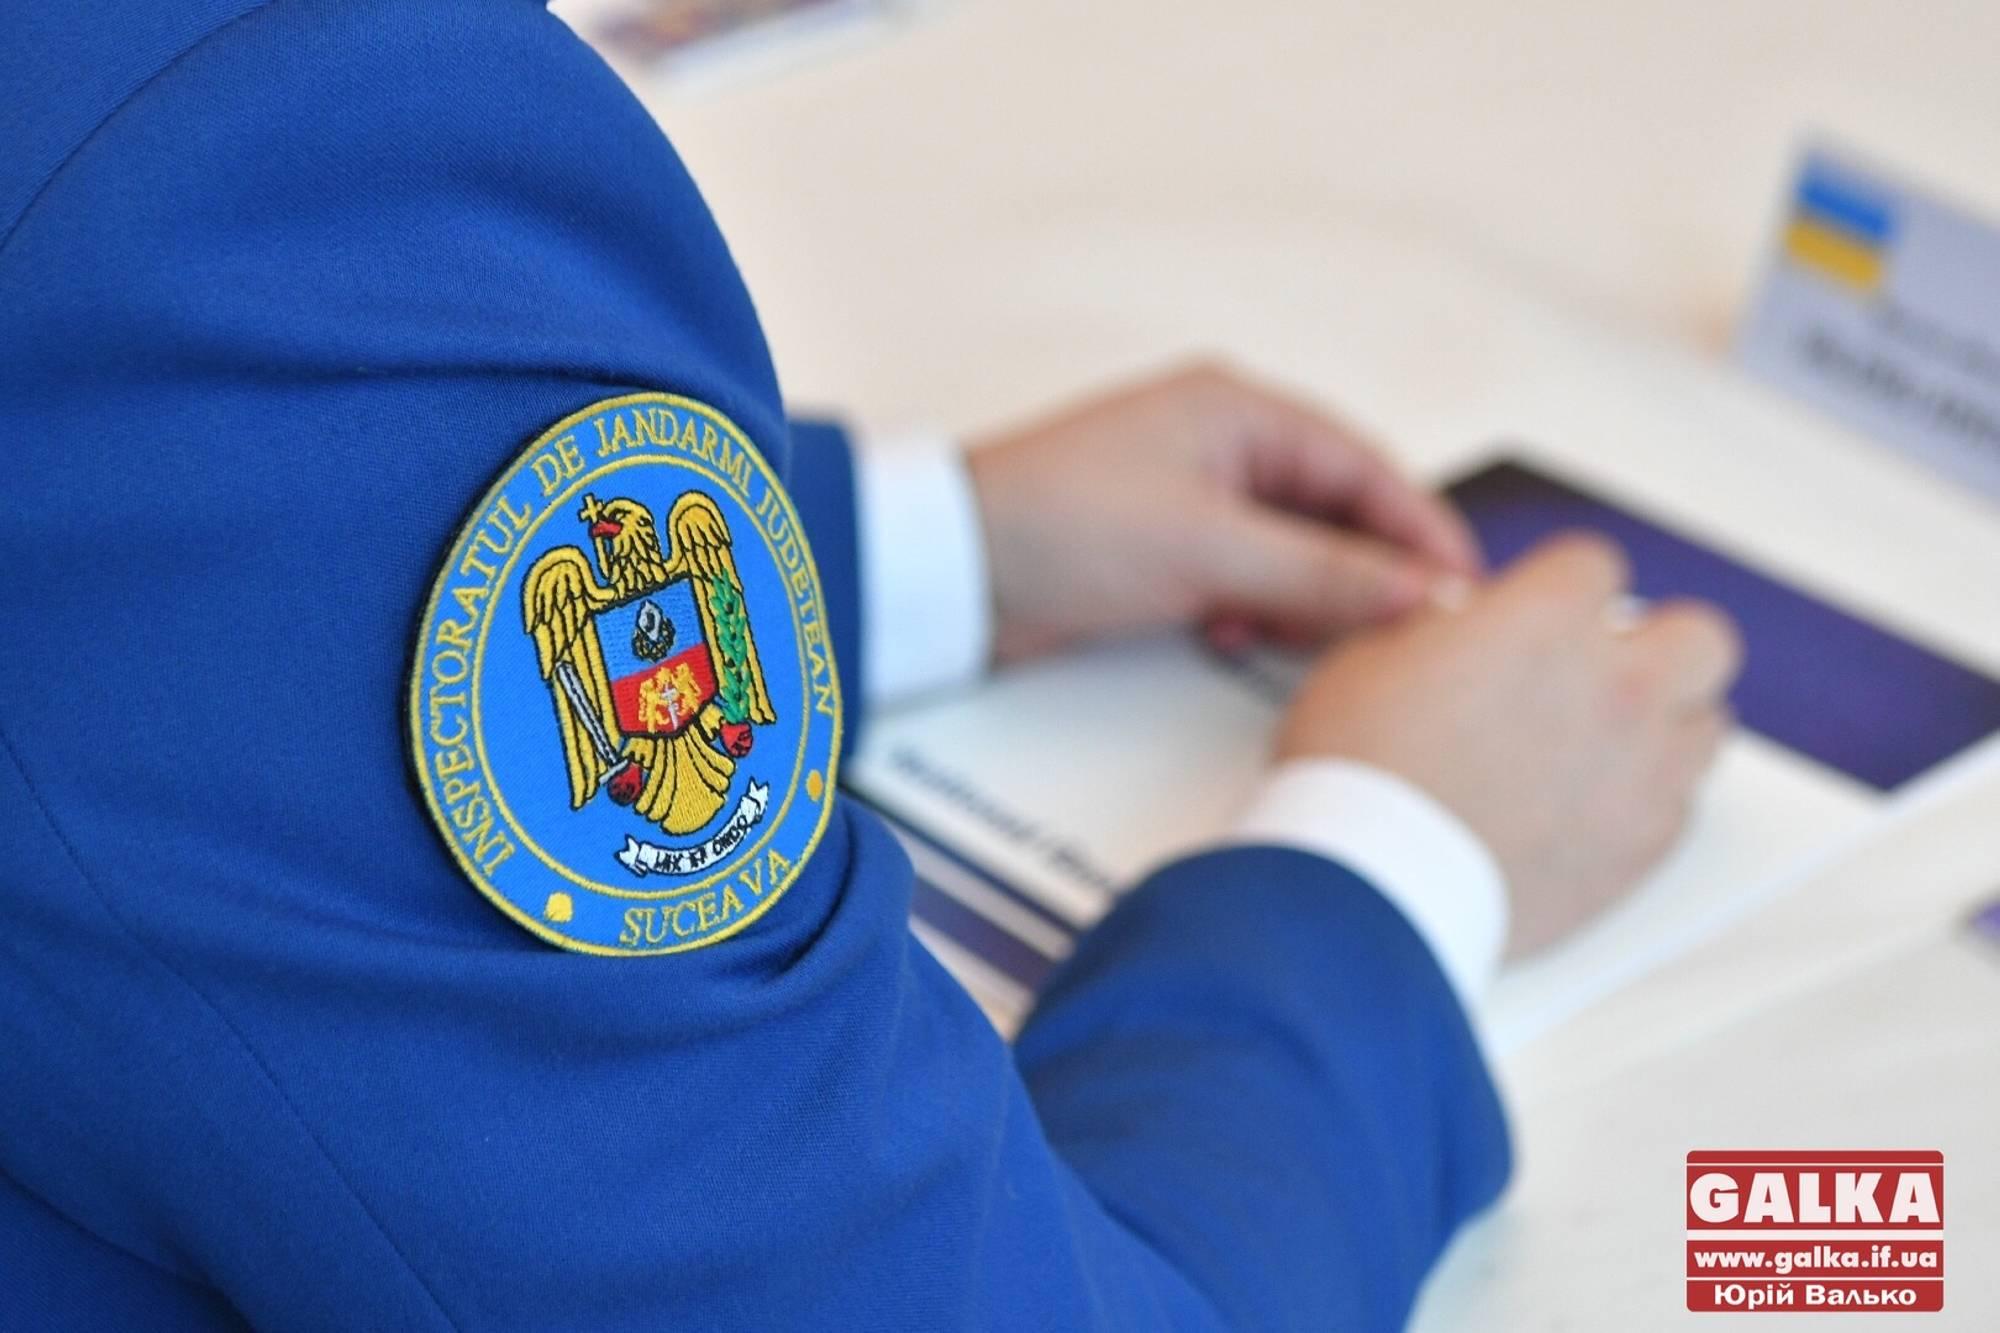 Прикарпатські нацгвардійці та румунські жандарми спільно боротимуться з транскордонною злочинністю (ФОТО)